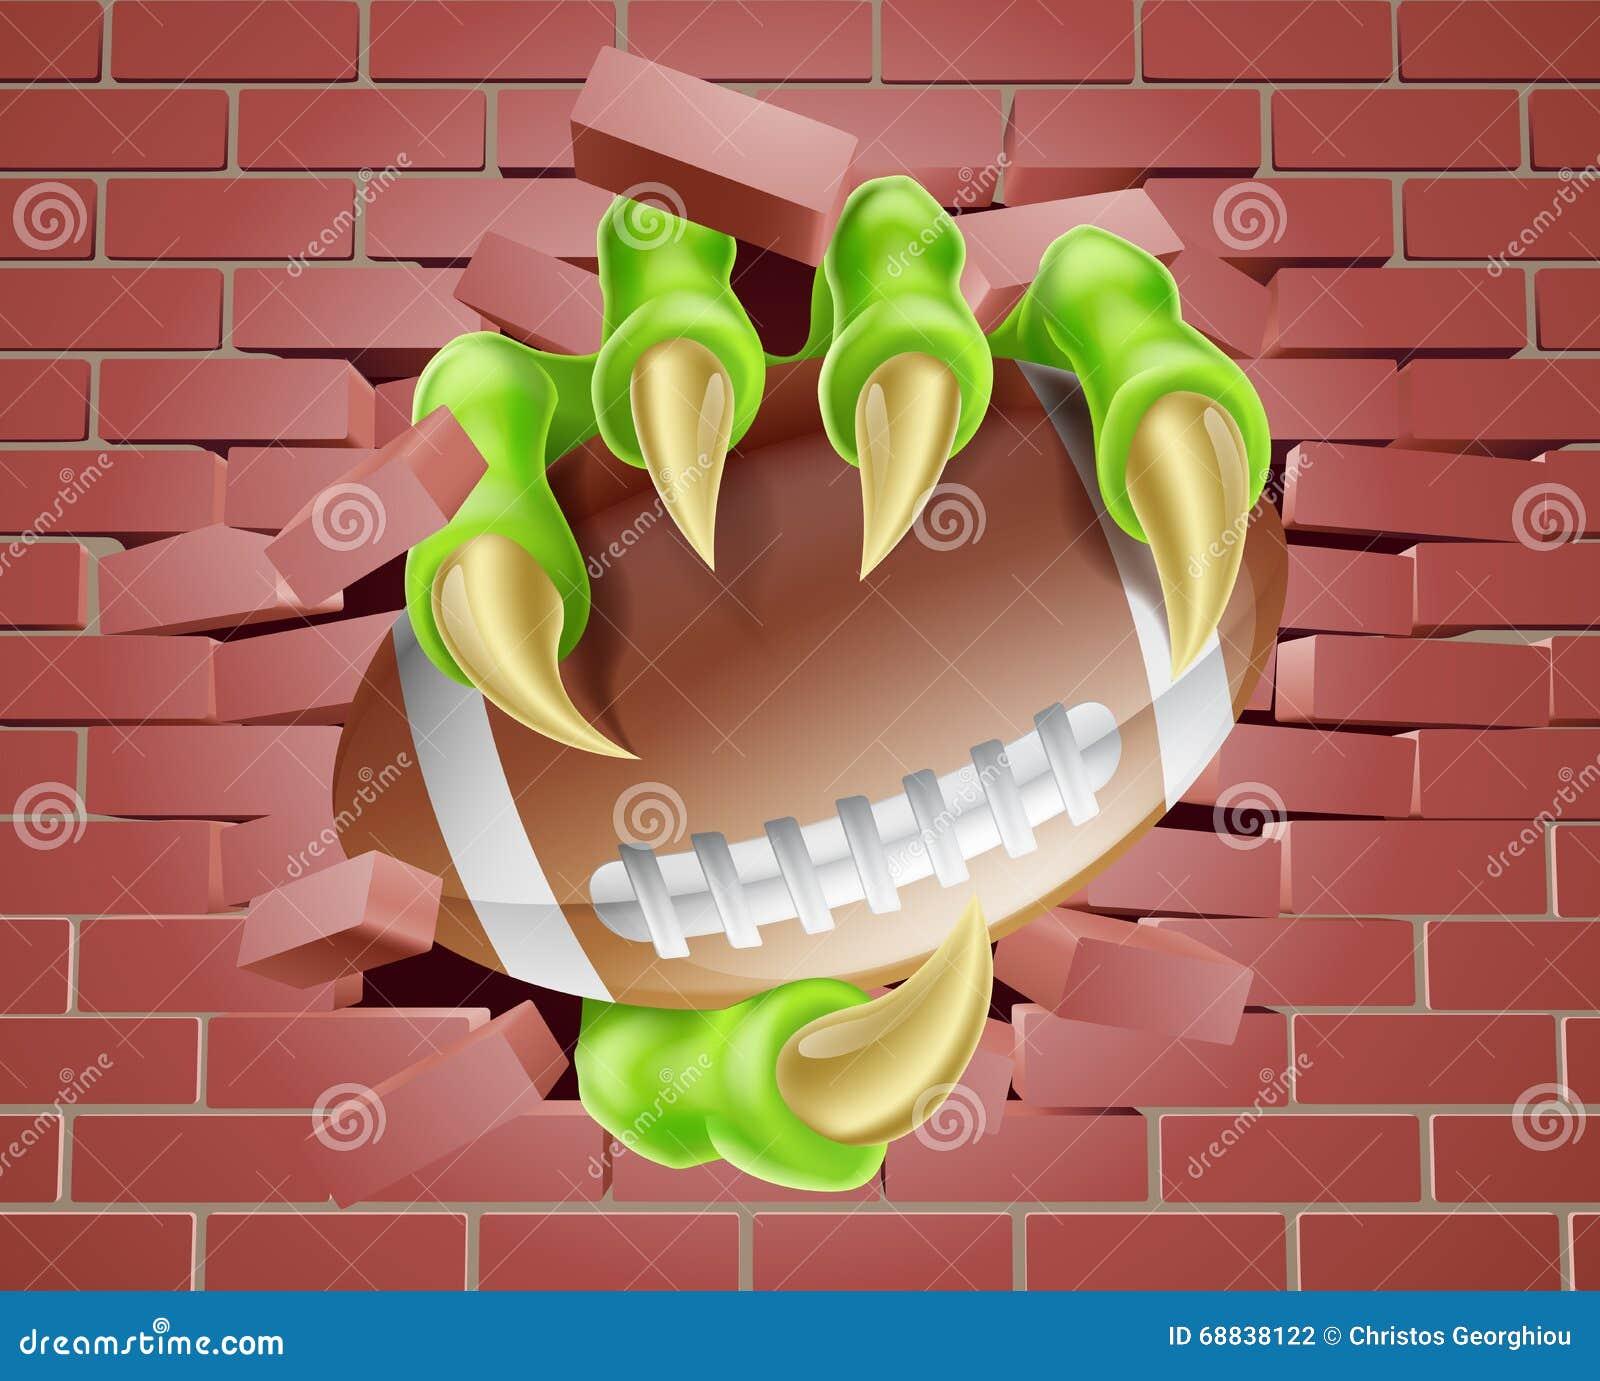 Griffe avec la boule du football traversant le mur de briques